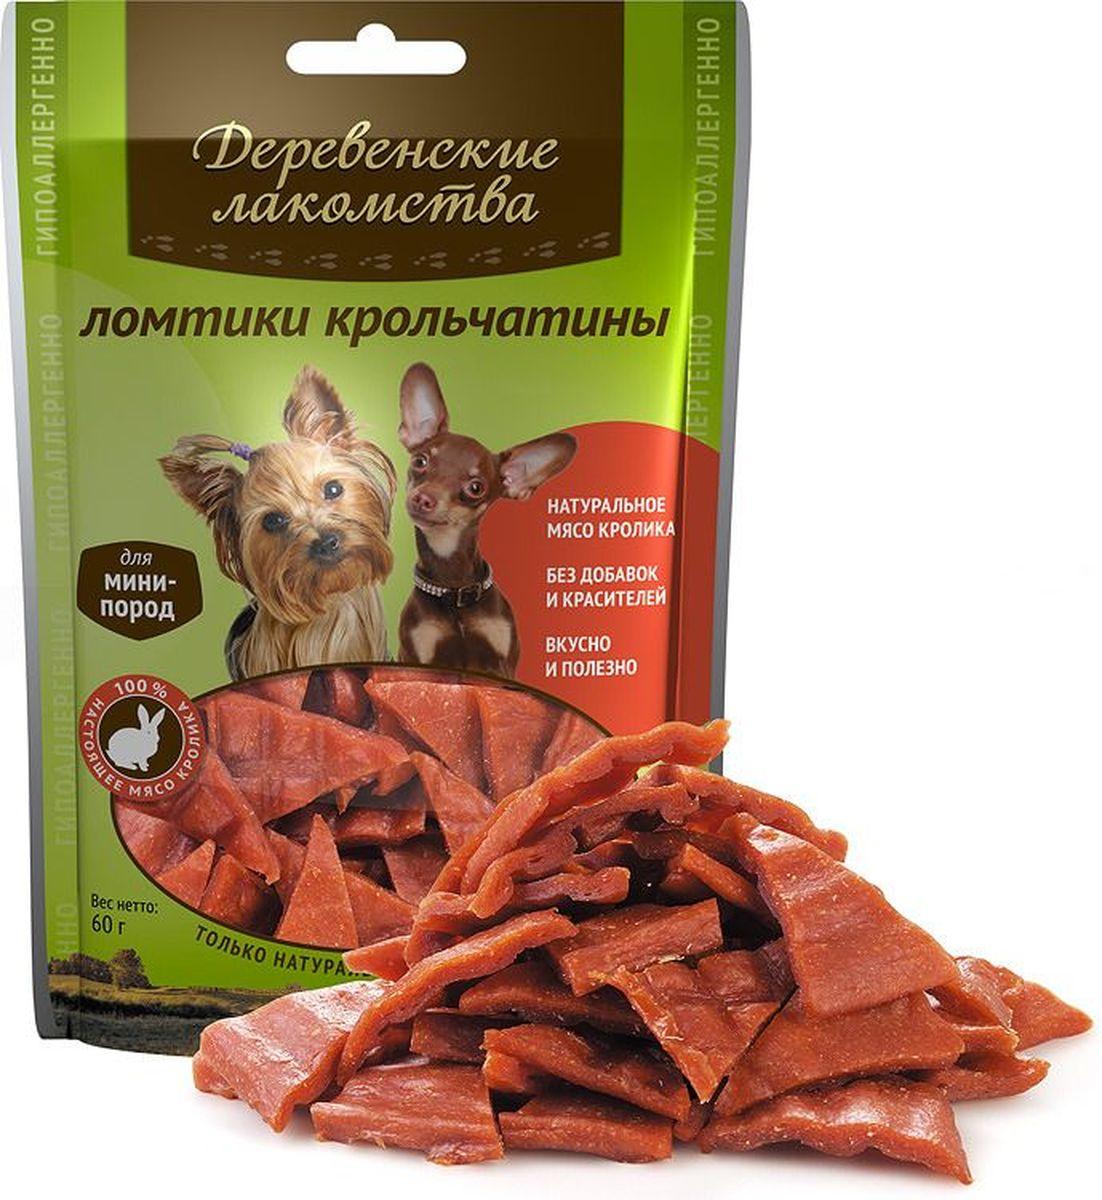 Лакомство Деревенские лакомства Ломтики крольчатины для собак мини-пород, 55 г55342Диетические ломтики из нежнейшей крольчатины — легко усваиваются, абсолютно гипоаллергенны и к тому же обладают тонким, изысканным вкусом.Состав: мясо кролика.Гарантированные показатели на 100 г продукта:белок — 42,0 г,жир — 3,5 г,влага — 23,0 г,клетчатка — 0,2 г,зола — 3,5 г.Энергетическая ценность в 100 г продукта: 245,00 ккал.Товар сертифицирован. Тайная жизнь домашних животных: чем занять собаку, пока вы на работе. Статья OZON Гид